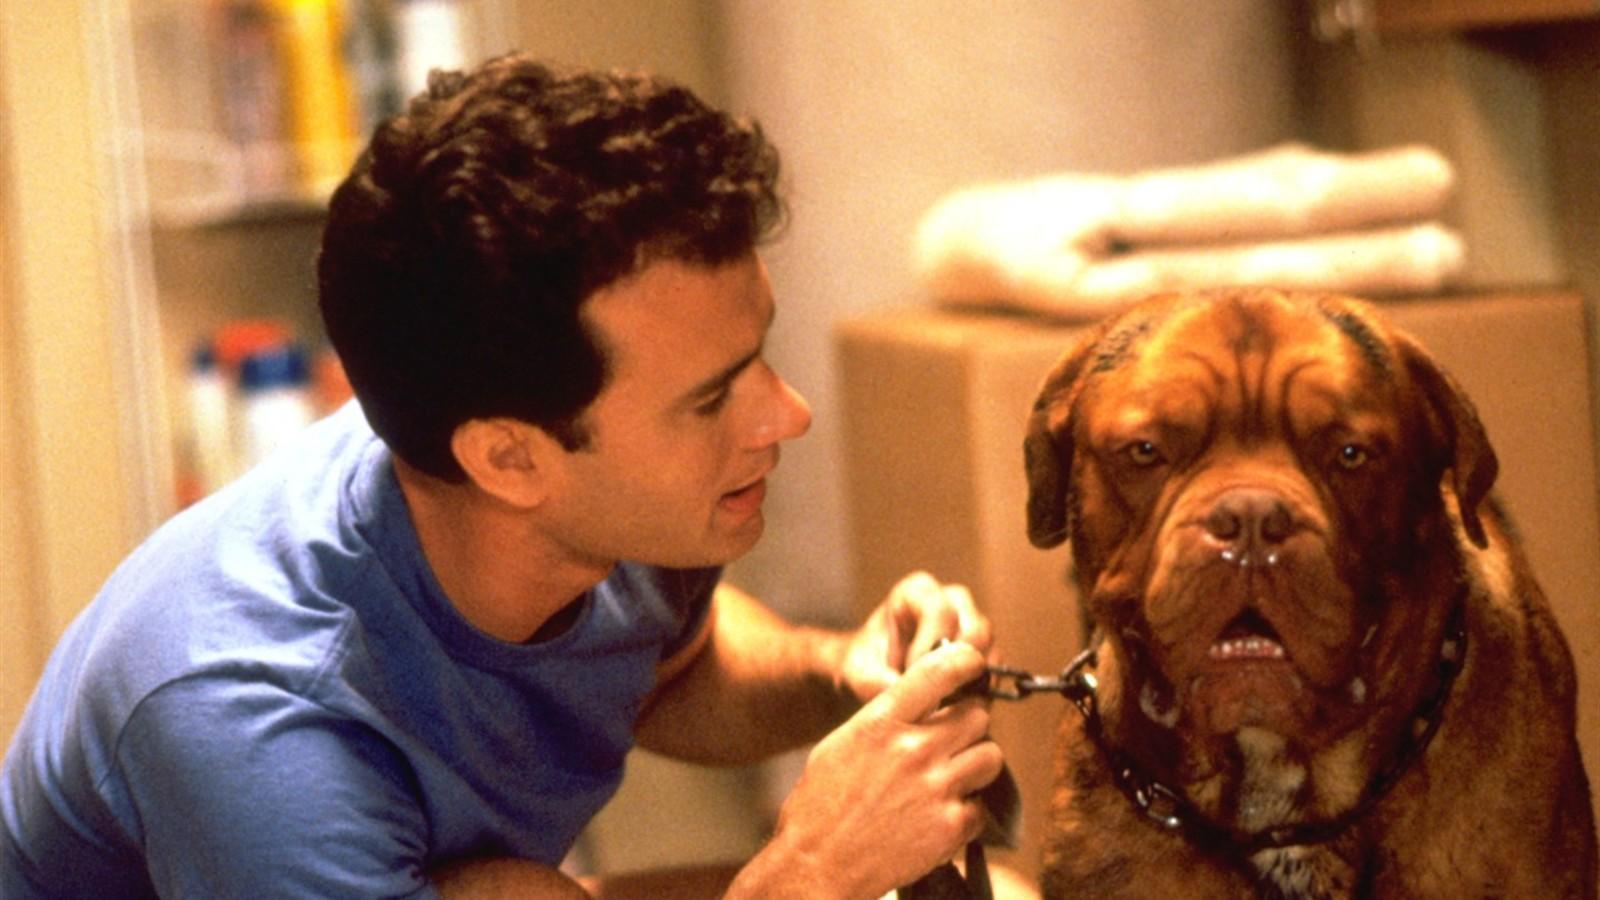 Akadnak hatékony csapatok, de vannak viccesek is, meg ott van Tom Hanks és nyáladzó ebtársa, akik akkor találnak egymásra, amikor fel kell kutatni a kutya gazdájának gyilkosát. (Buena Vista Pictures)